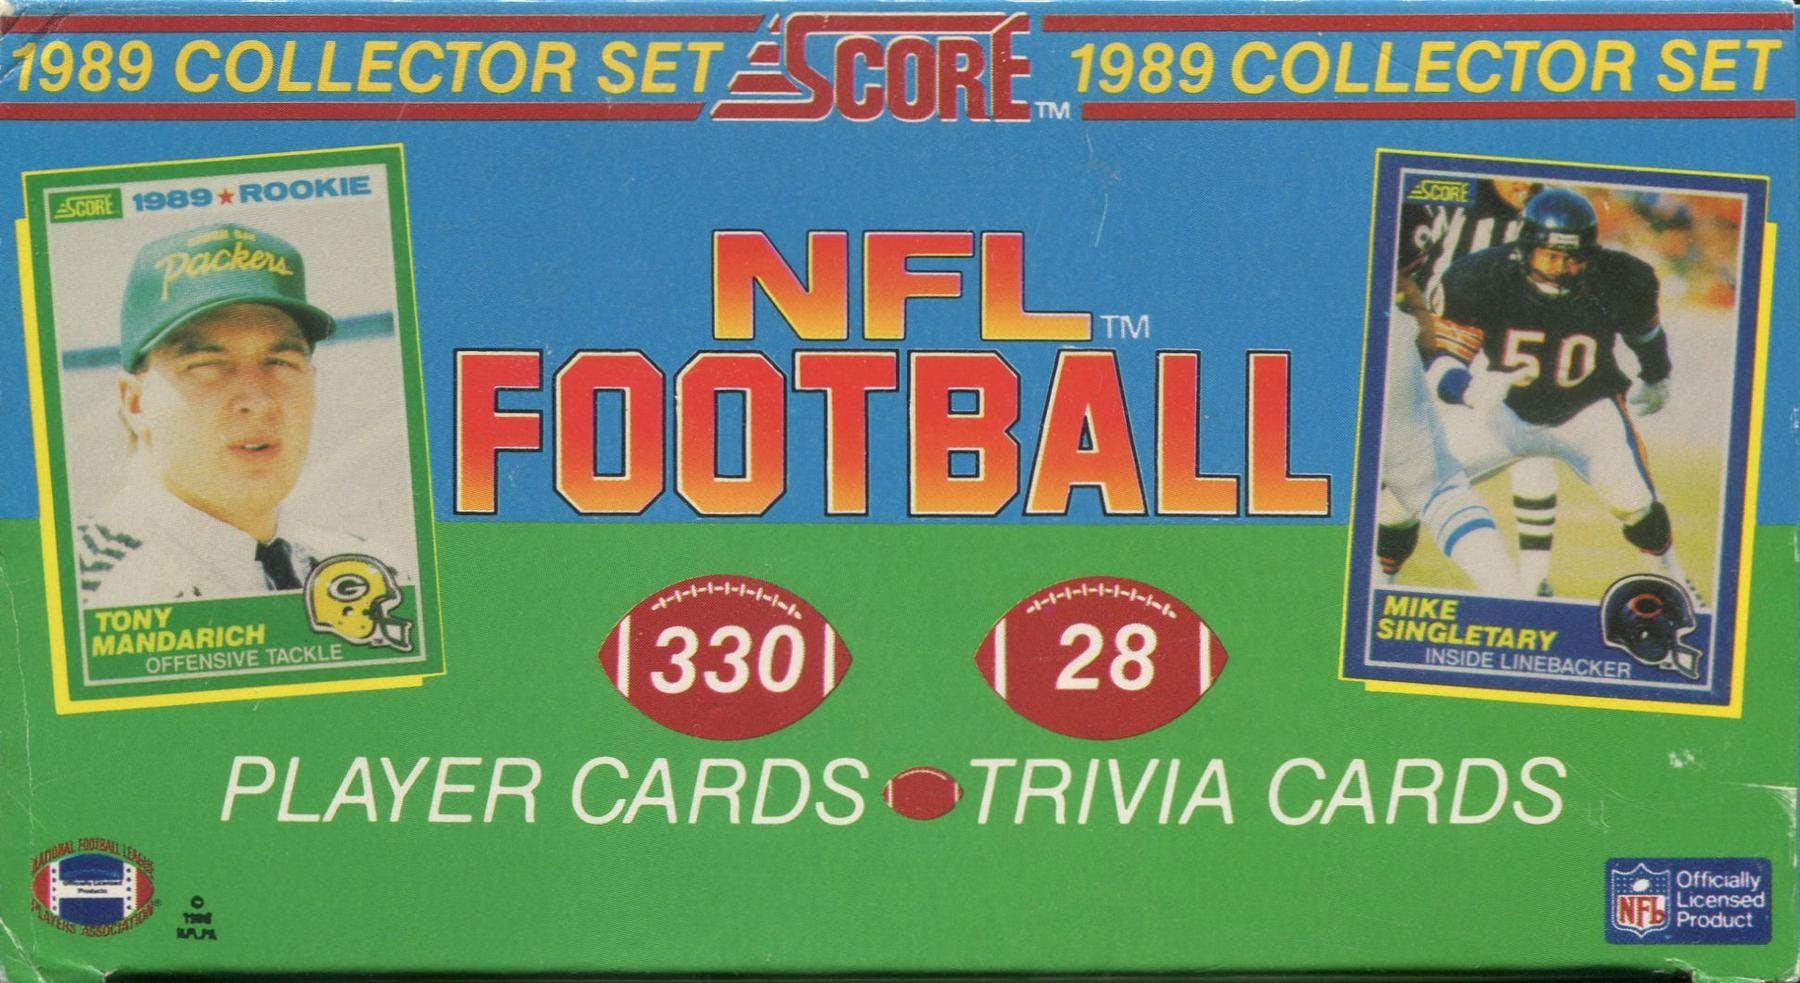 1989 Score Football Factory Set Da Card World